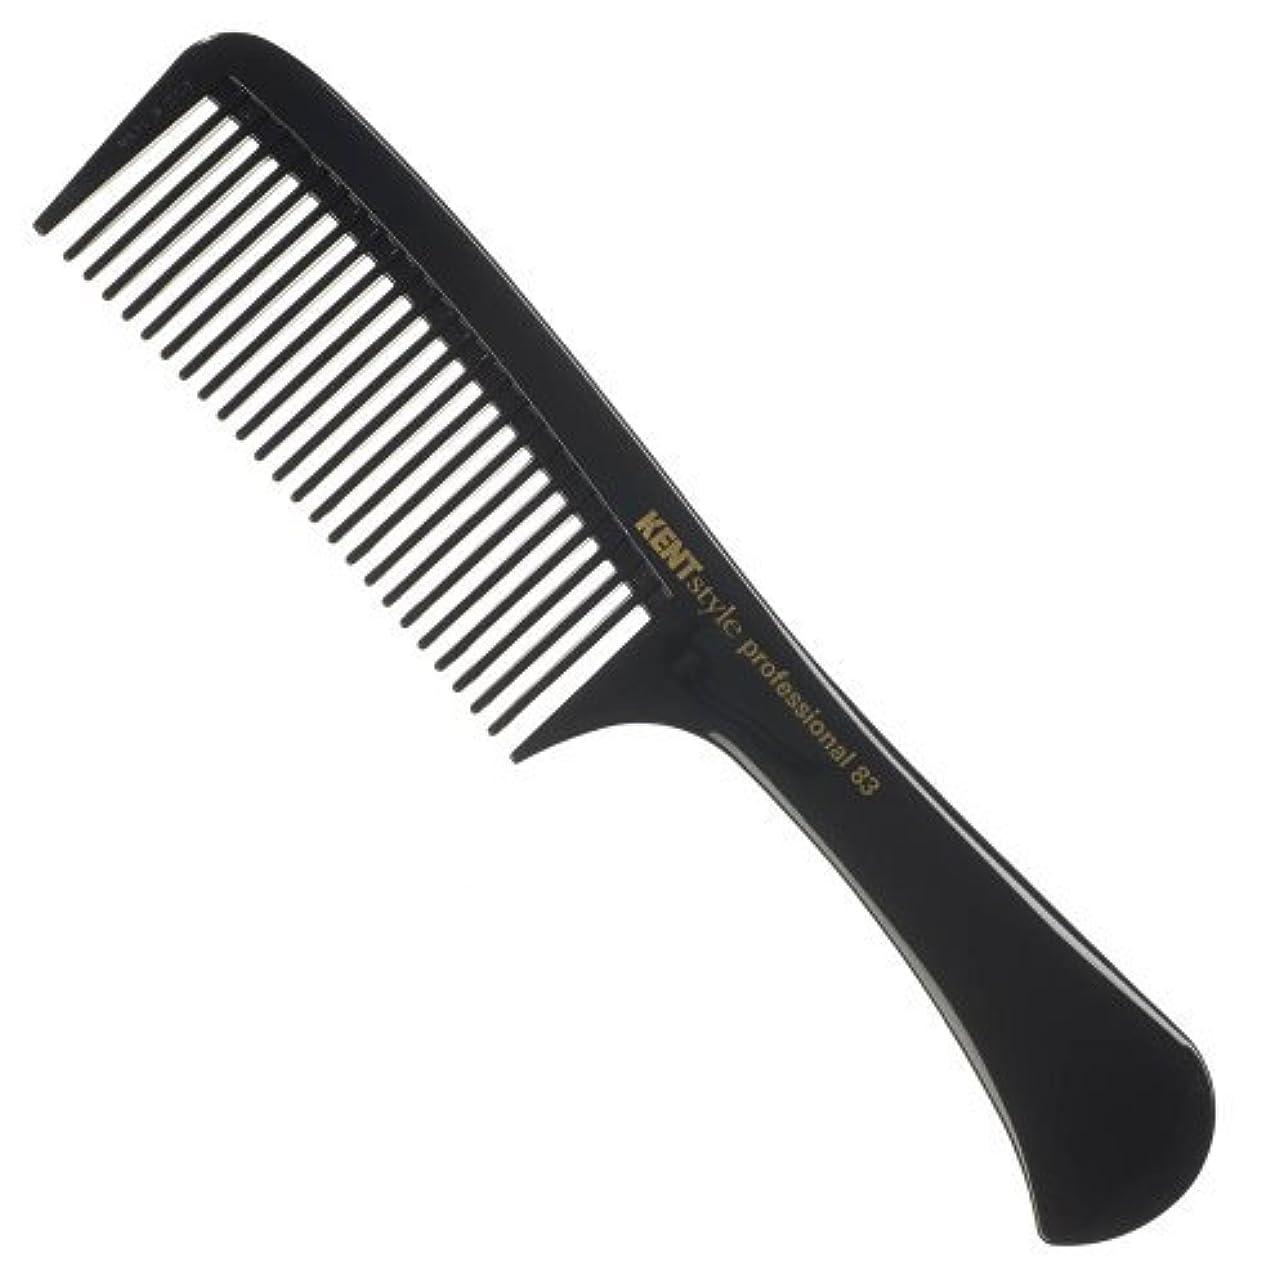 気難しい楽観寺院Kent Style Professional Combs (Black) - Hard Rubber, Anti-static, Unbreakable & Heat Resistant - Salon & Barber...